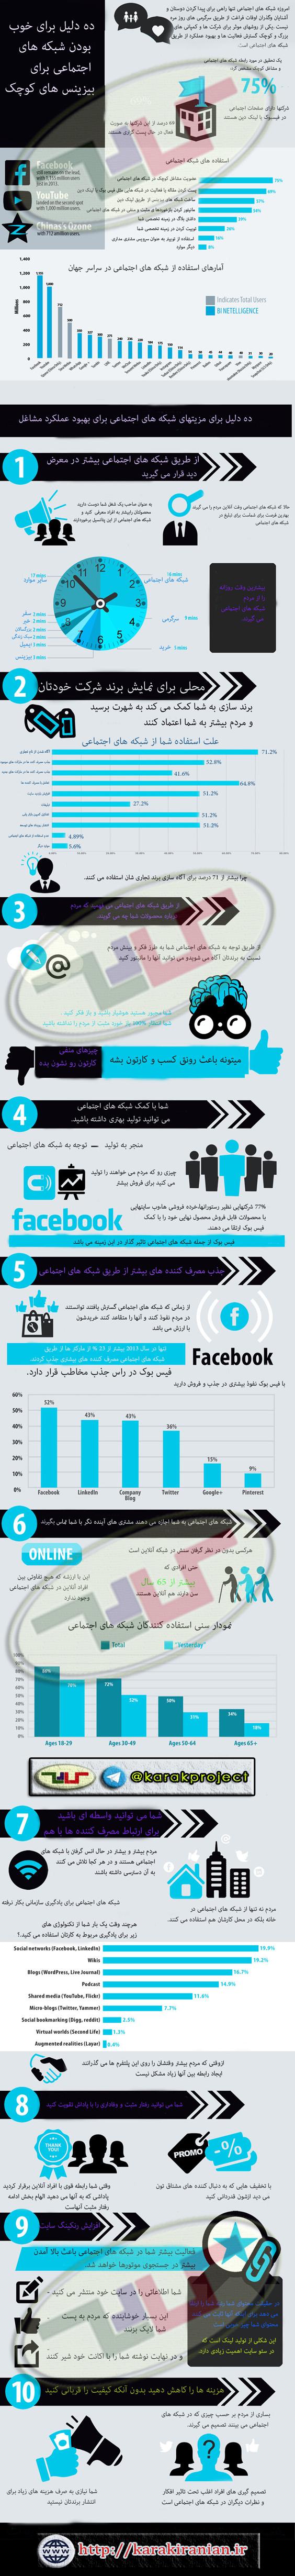 کارک اینفوگرافی ۱۰ دلیل مهم در اهمیت و خوب بودن شبکههای اجتماعی برای کسب و کارهای کوچک